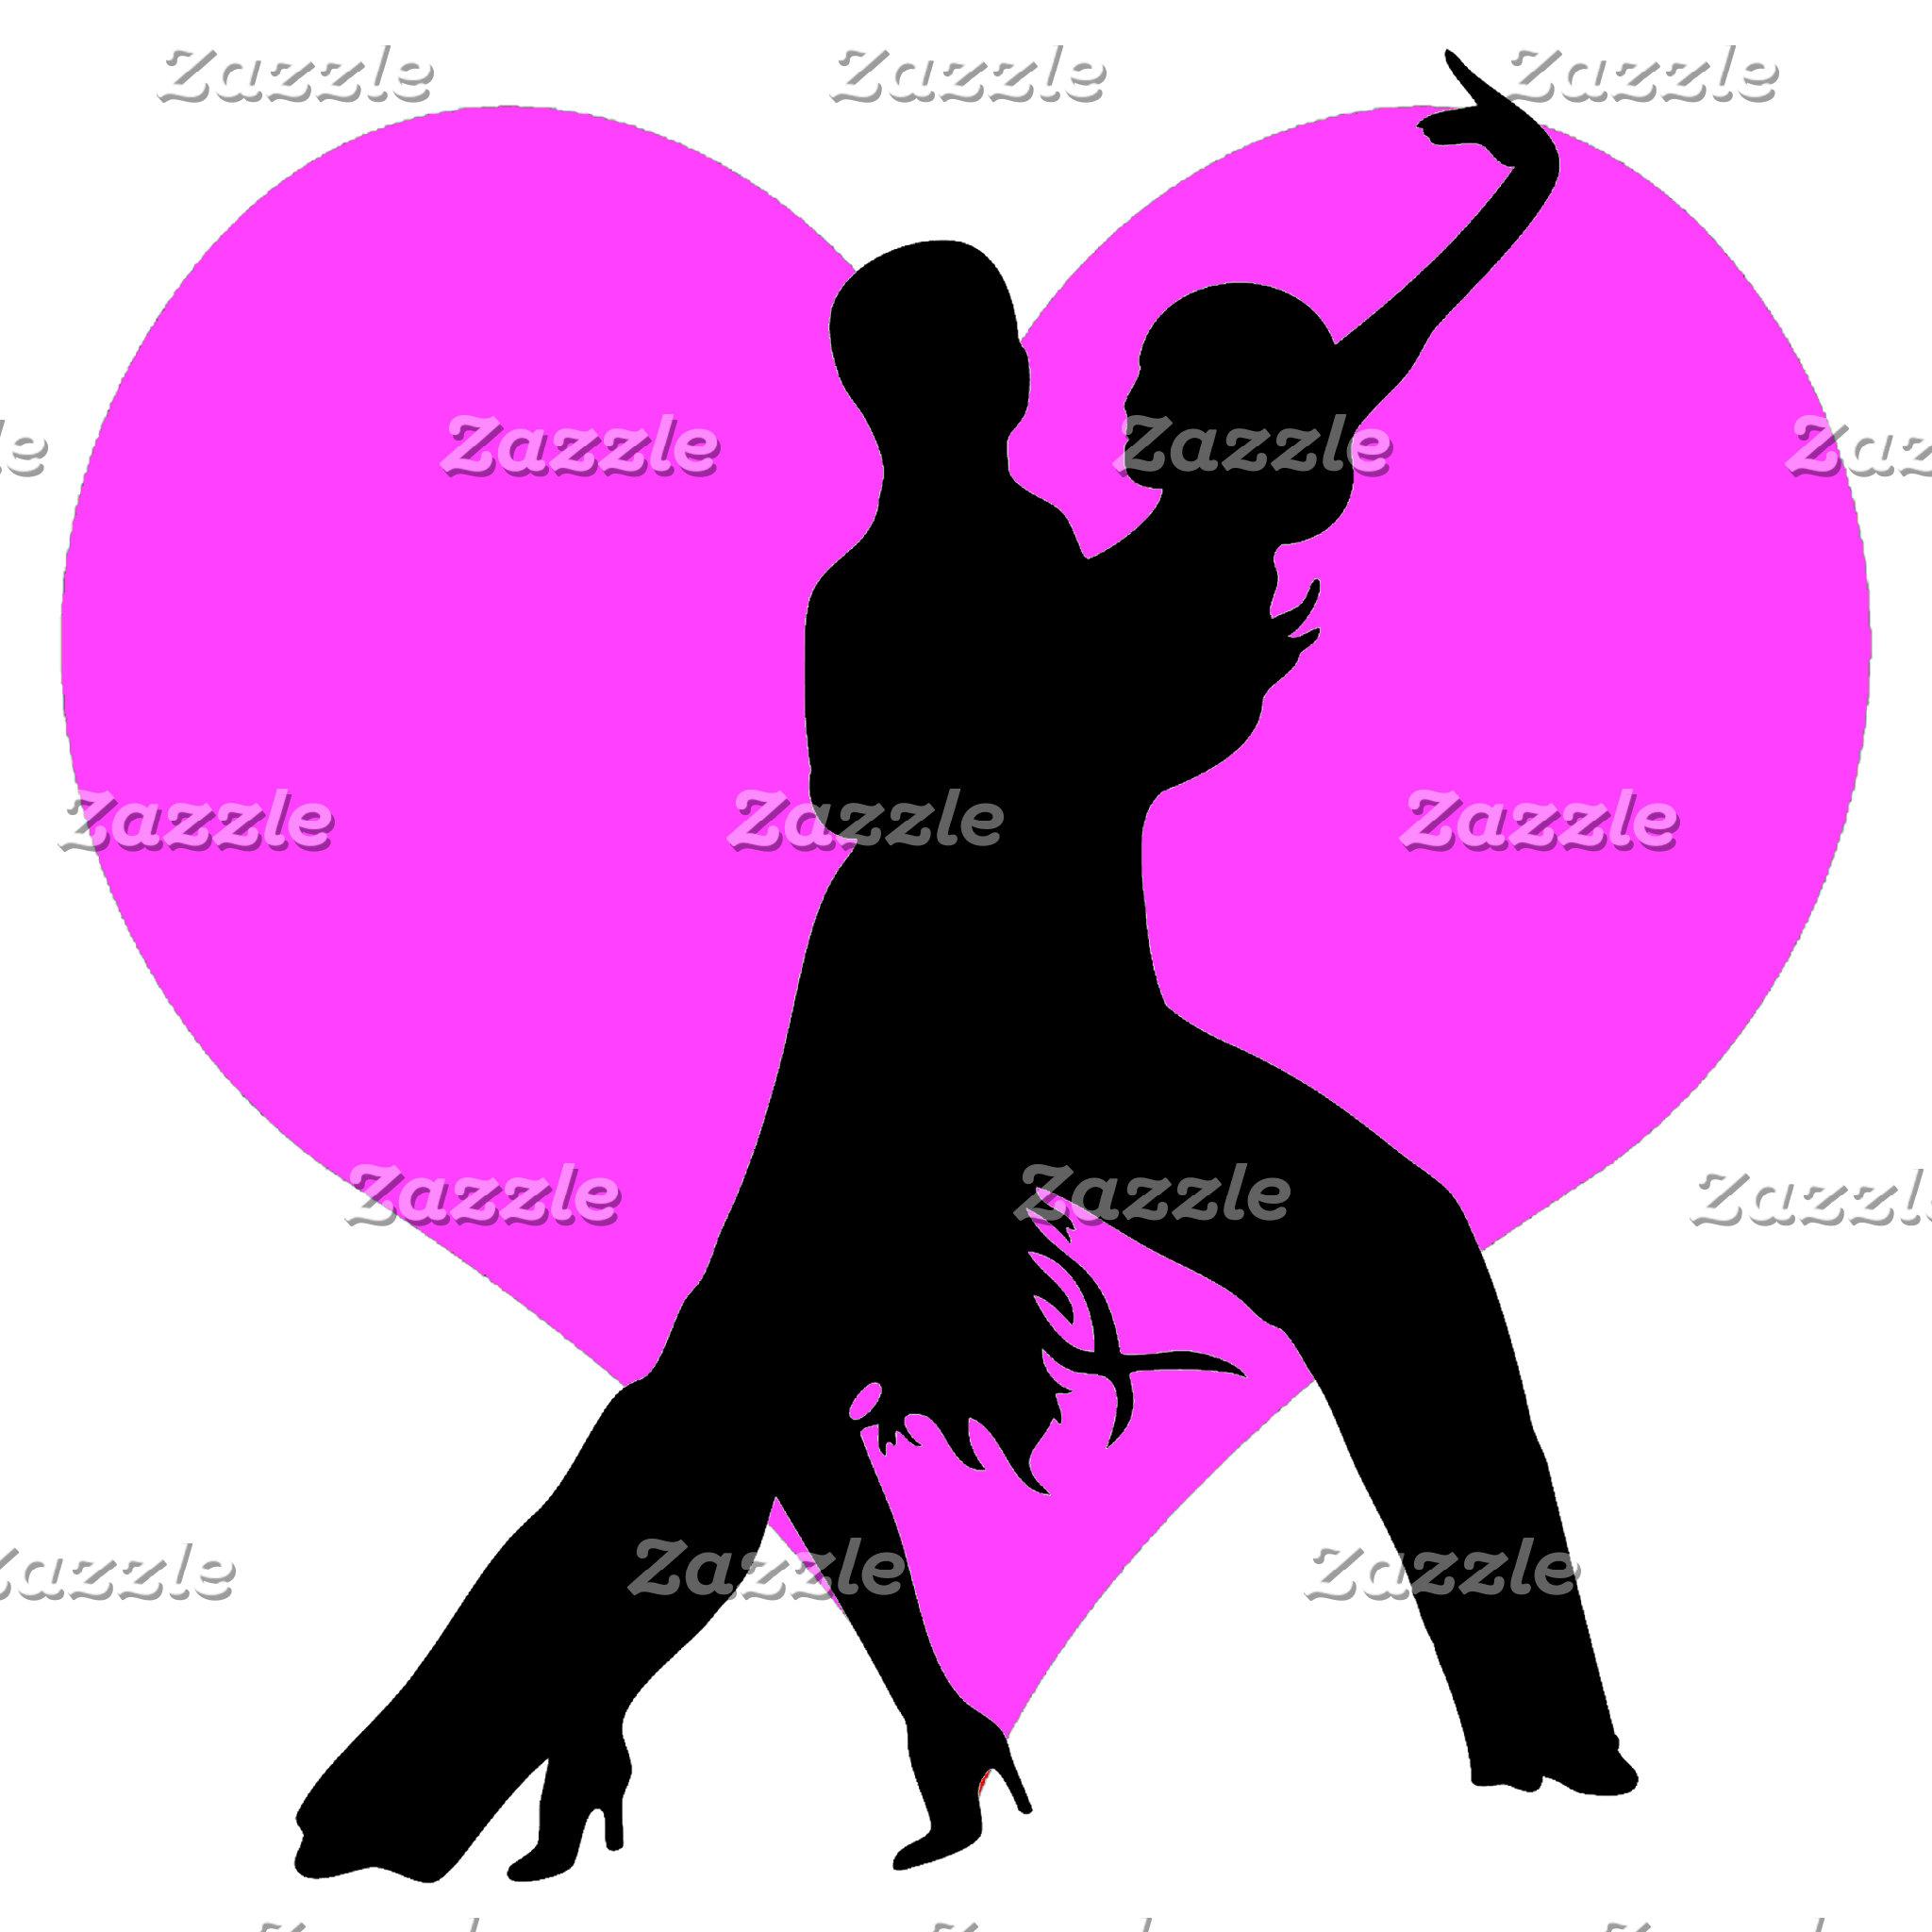 Heart dancers 1